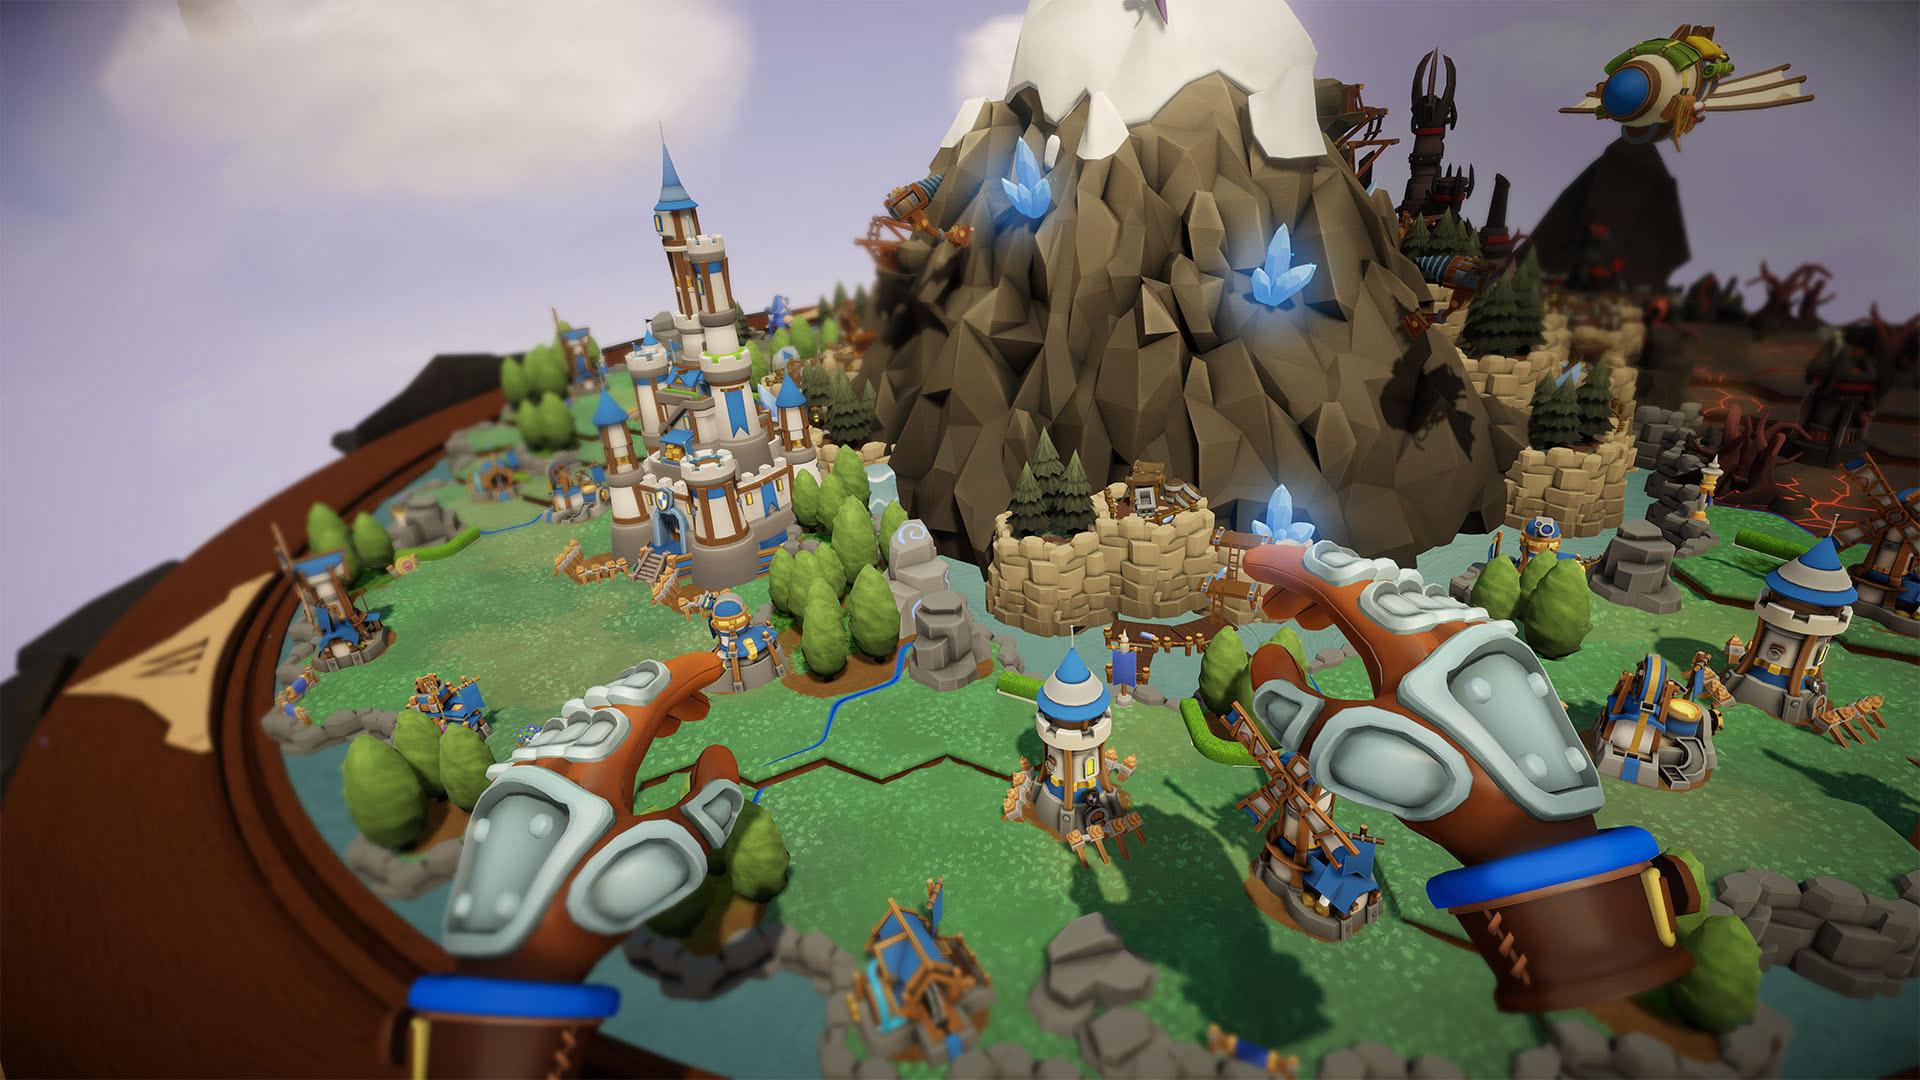 Les mains du joueur au-dessus de son territoire dans Skyworld